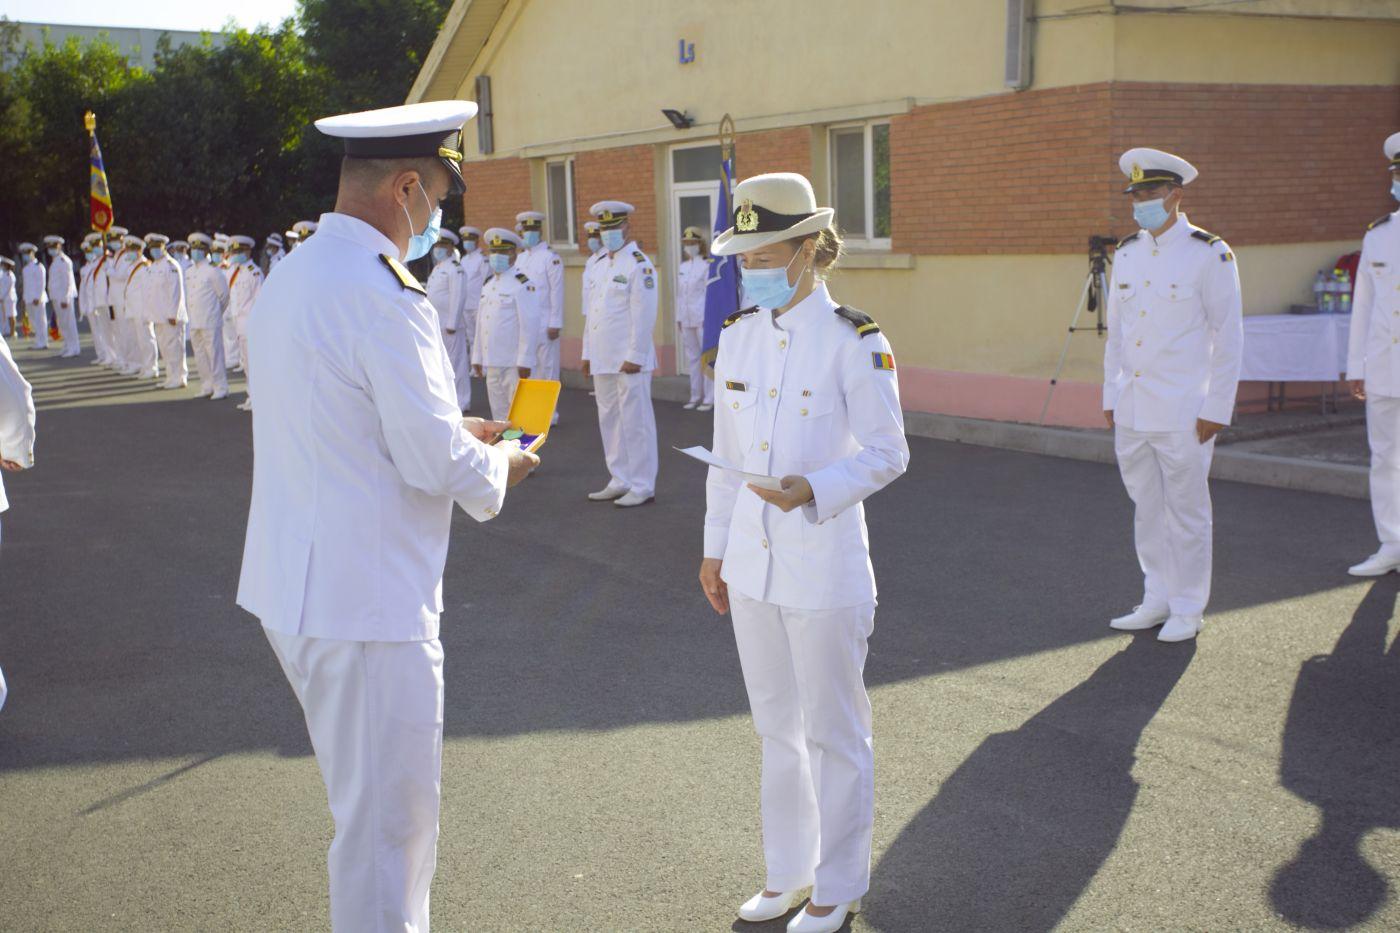 """La Școala Militară de Maiștri Militari a Forțelor Navale """"Amiral Ion Murgescu"""" a avut loc, vineri, 31 iulie, festivitatea de absolvire, avansare la primul grad militar și înmânare a certificatelor de atestare profesională a celor 33 de absolvenți ai promoției 2020 """"General Ioan Emanoil Florescu""""."""